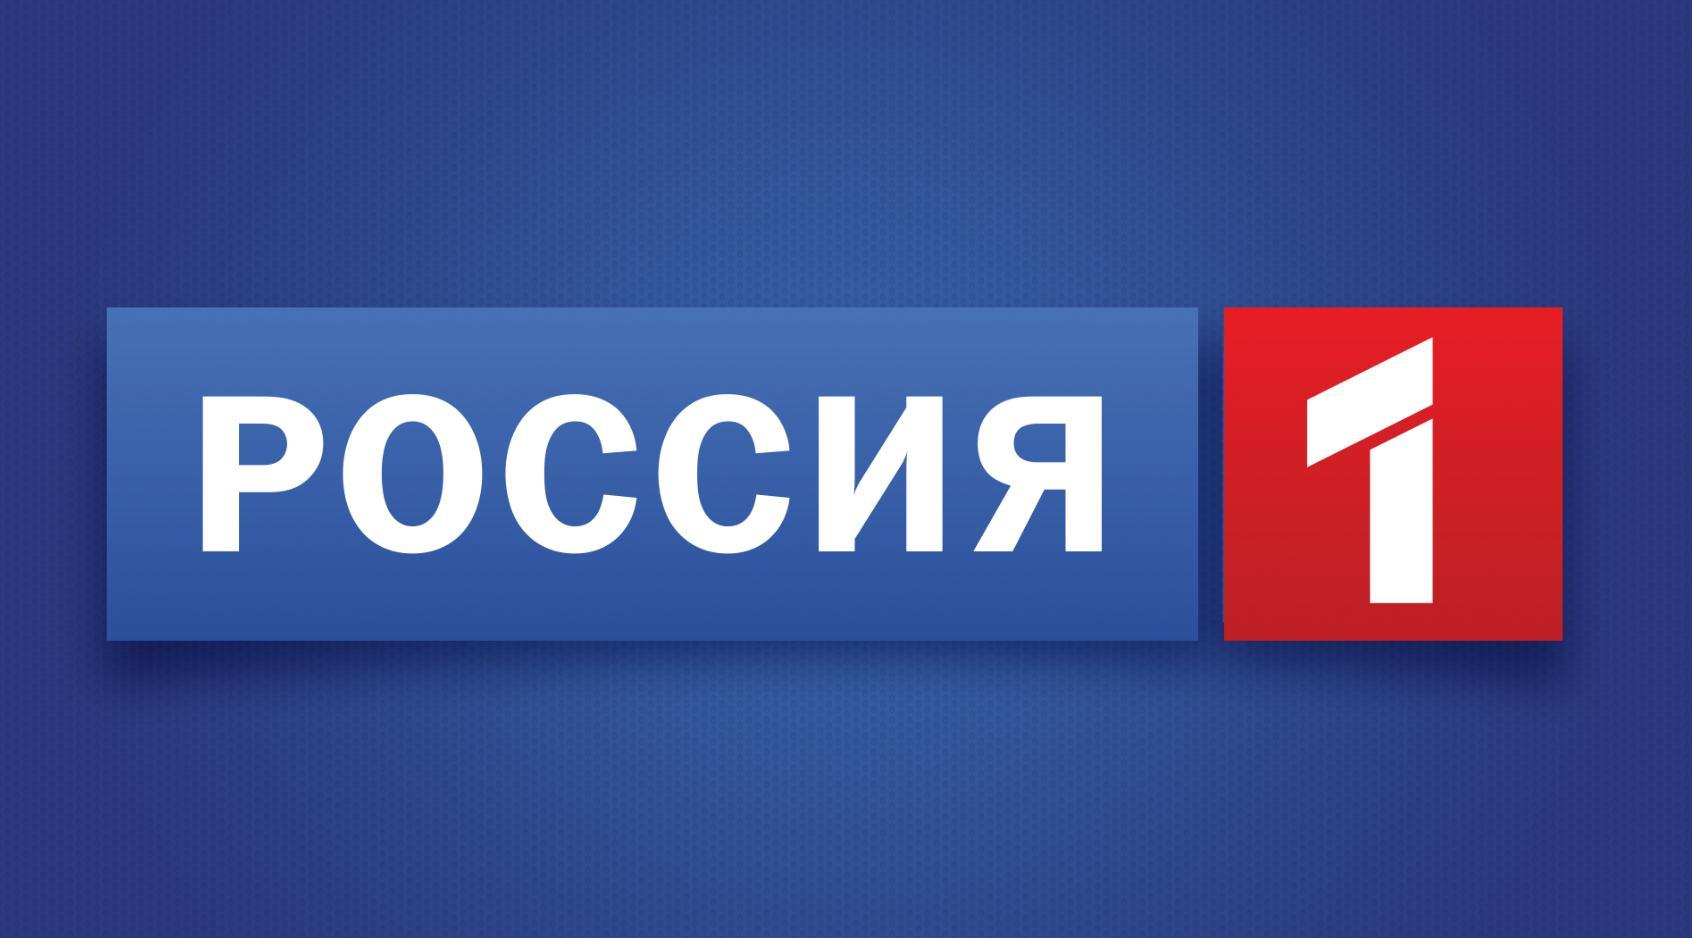 Тв программа на сегодня по россии 1